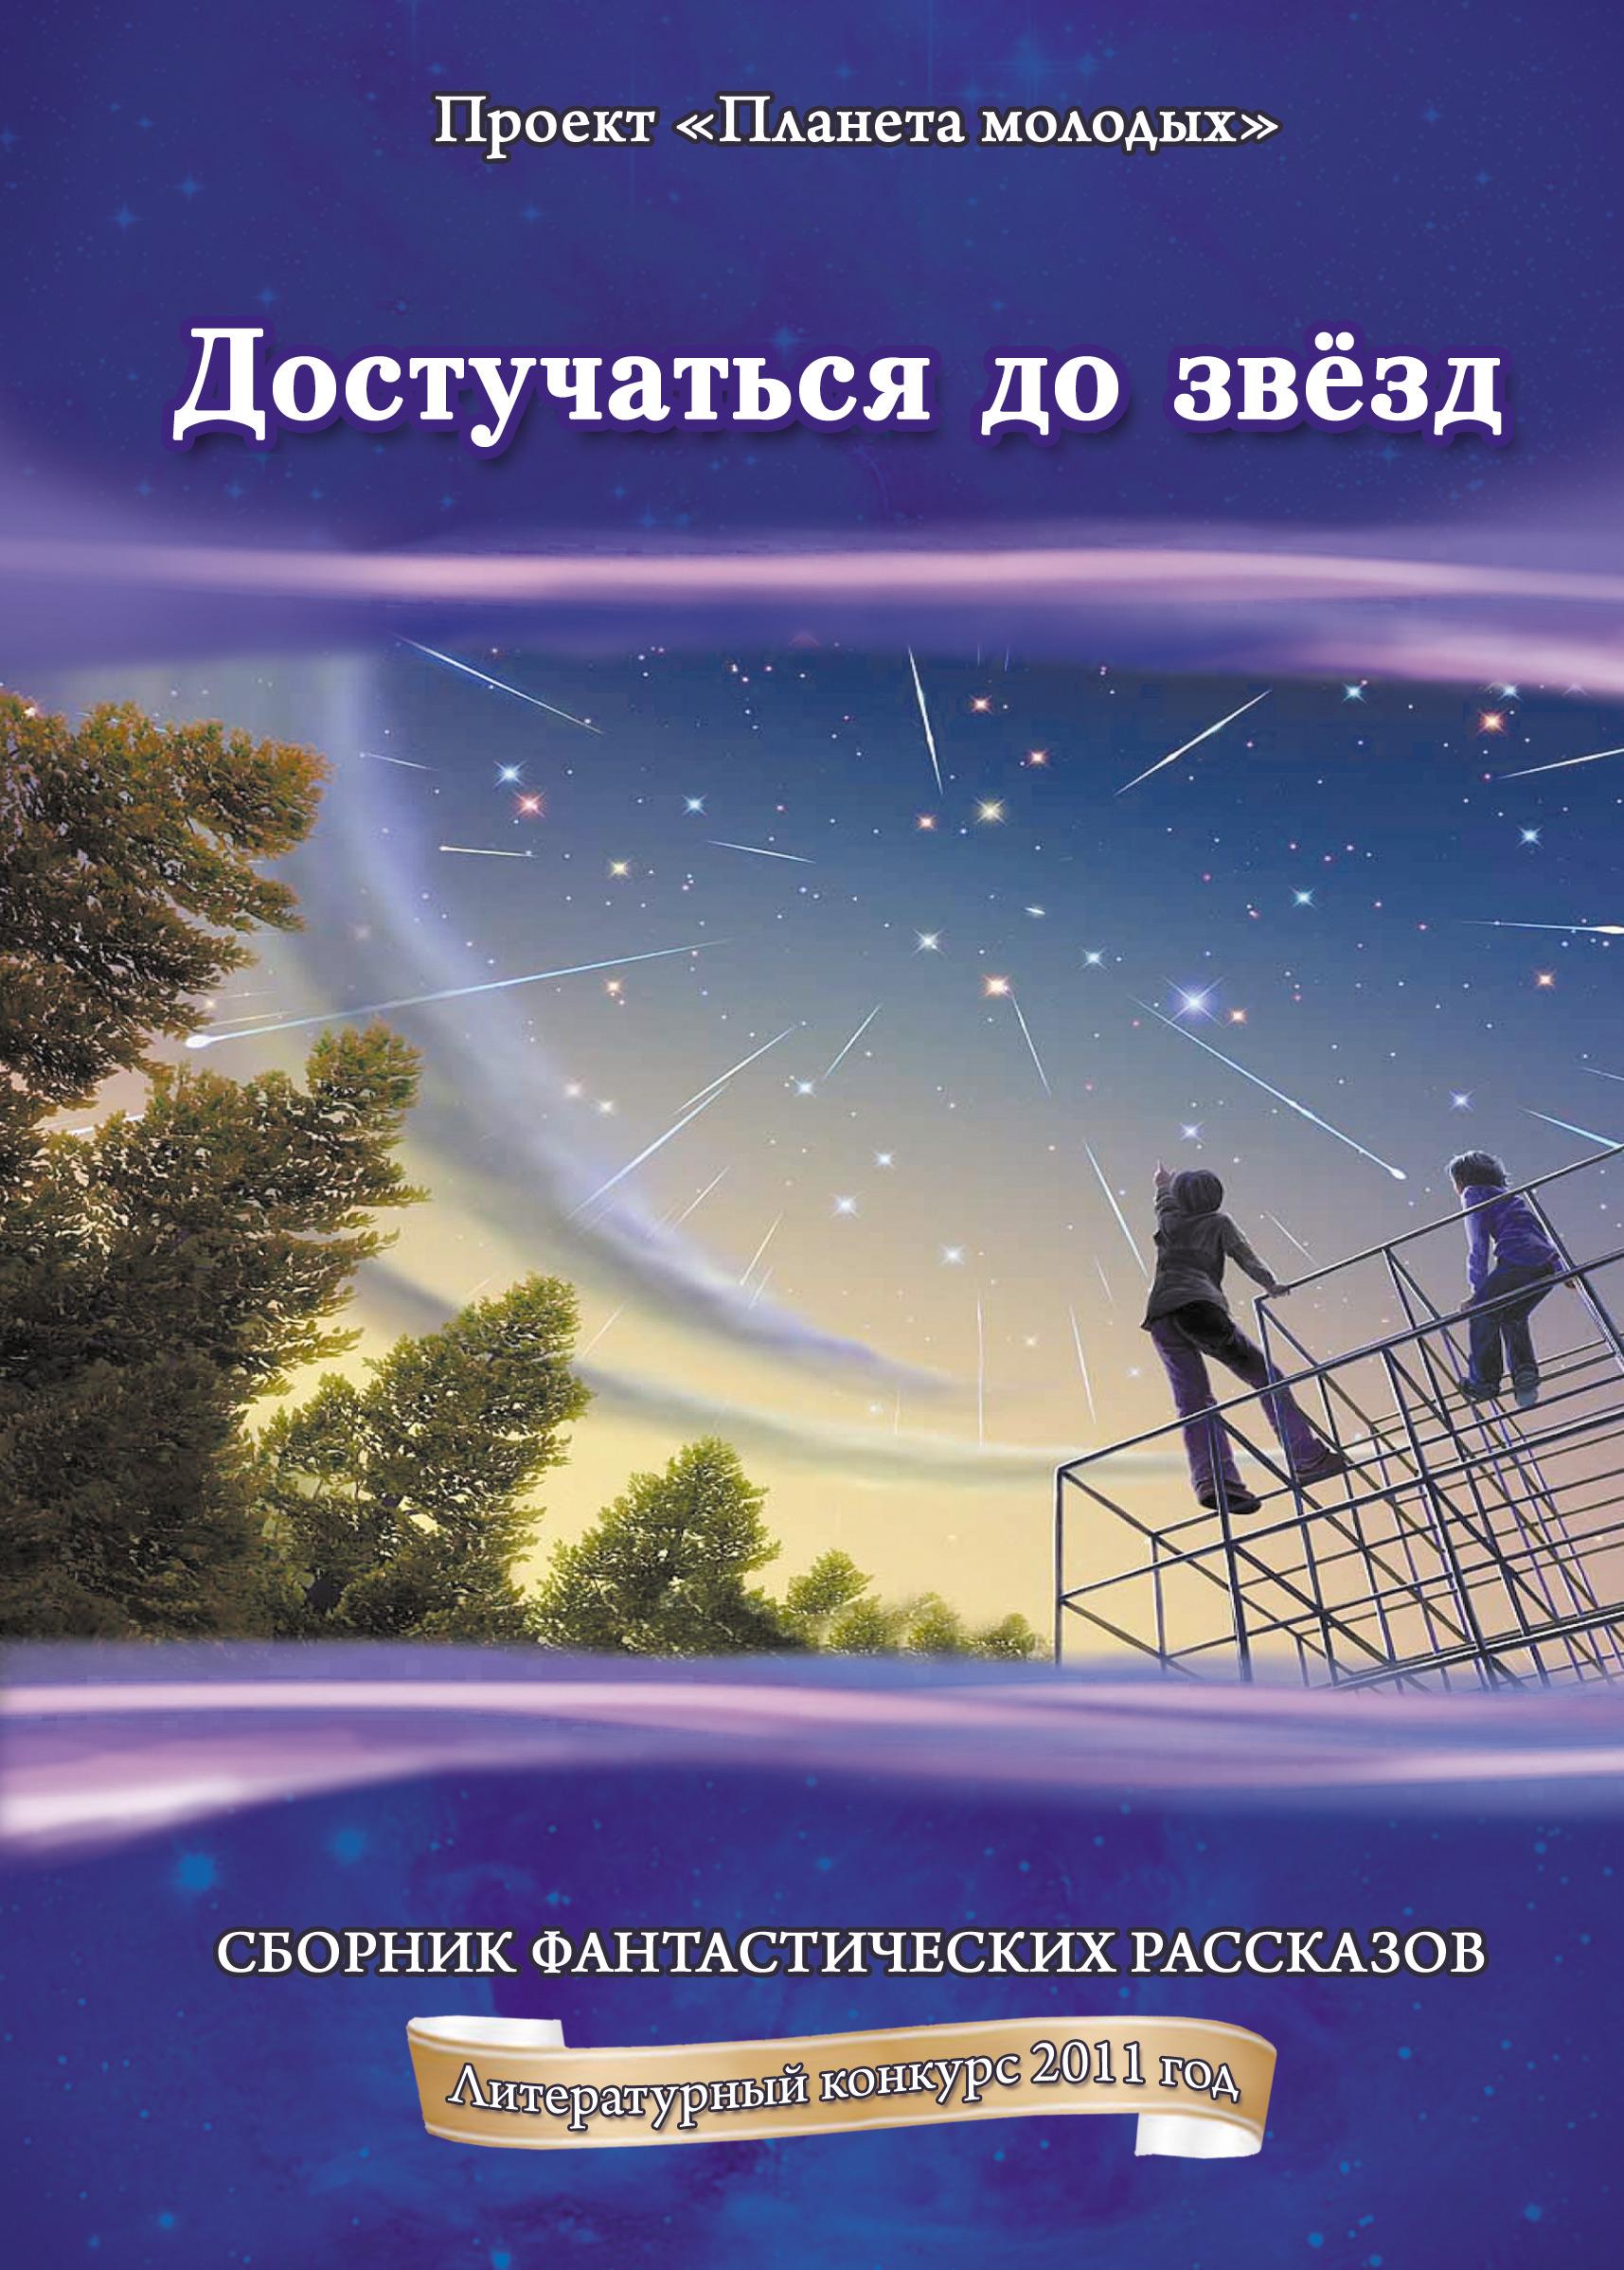 Коллектив авторов Достучаться до звёзд: сборник фантастических рассказов коллектив авторов достучаться до звёзд сборник фантастических рассказов